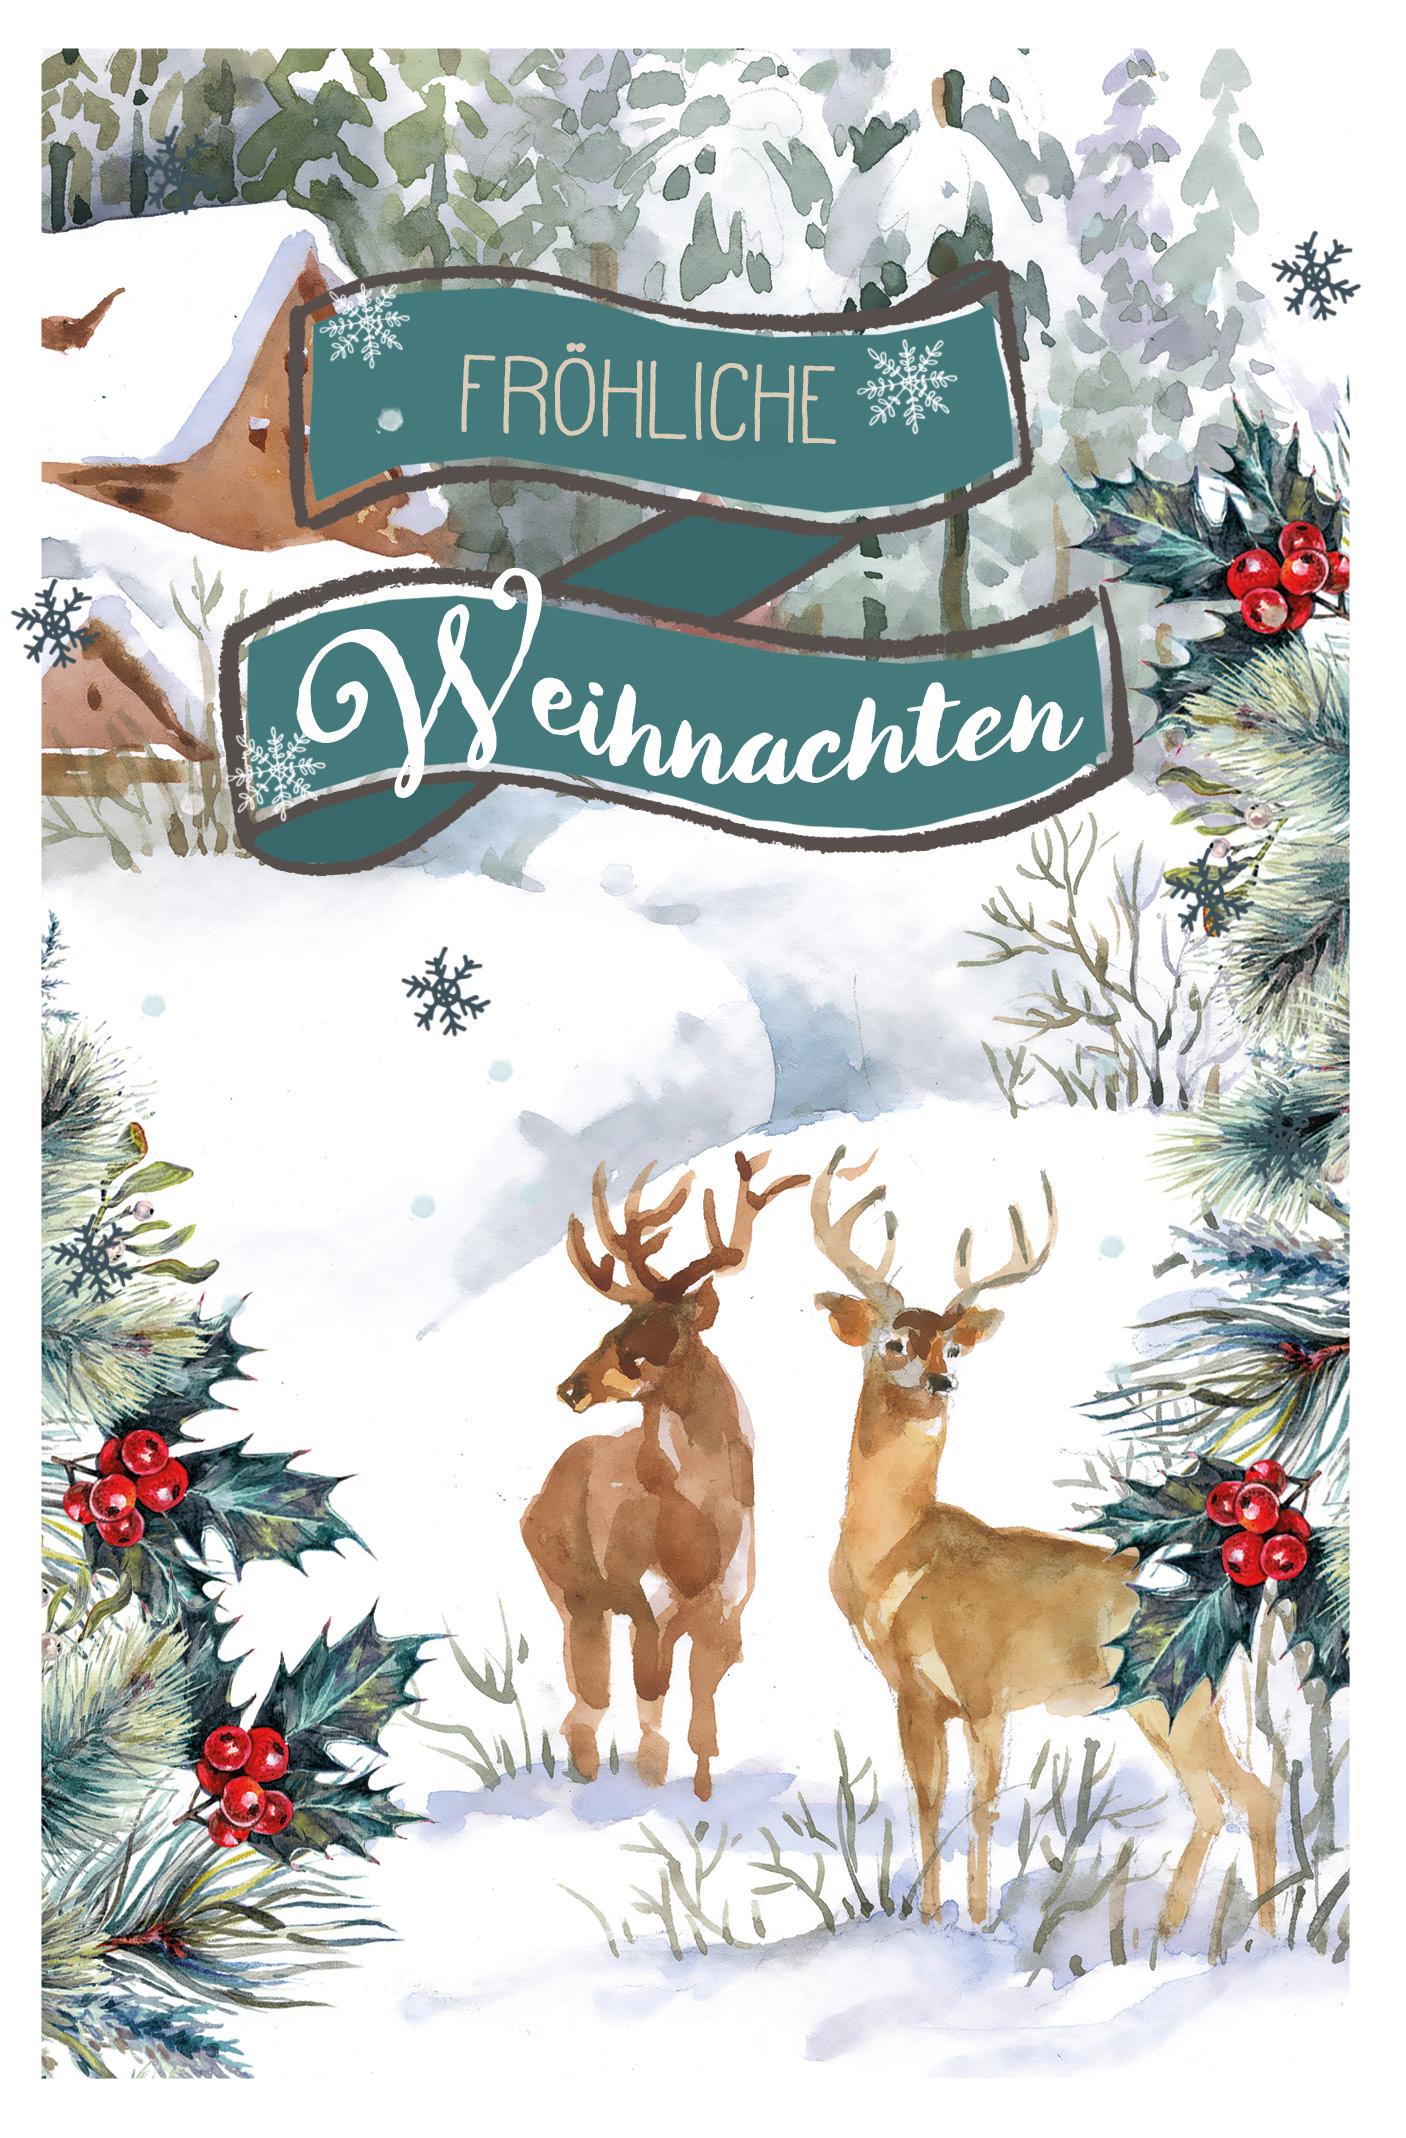 Fröhliche Weihnachten, 1 Pack = 5 Stück